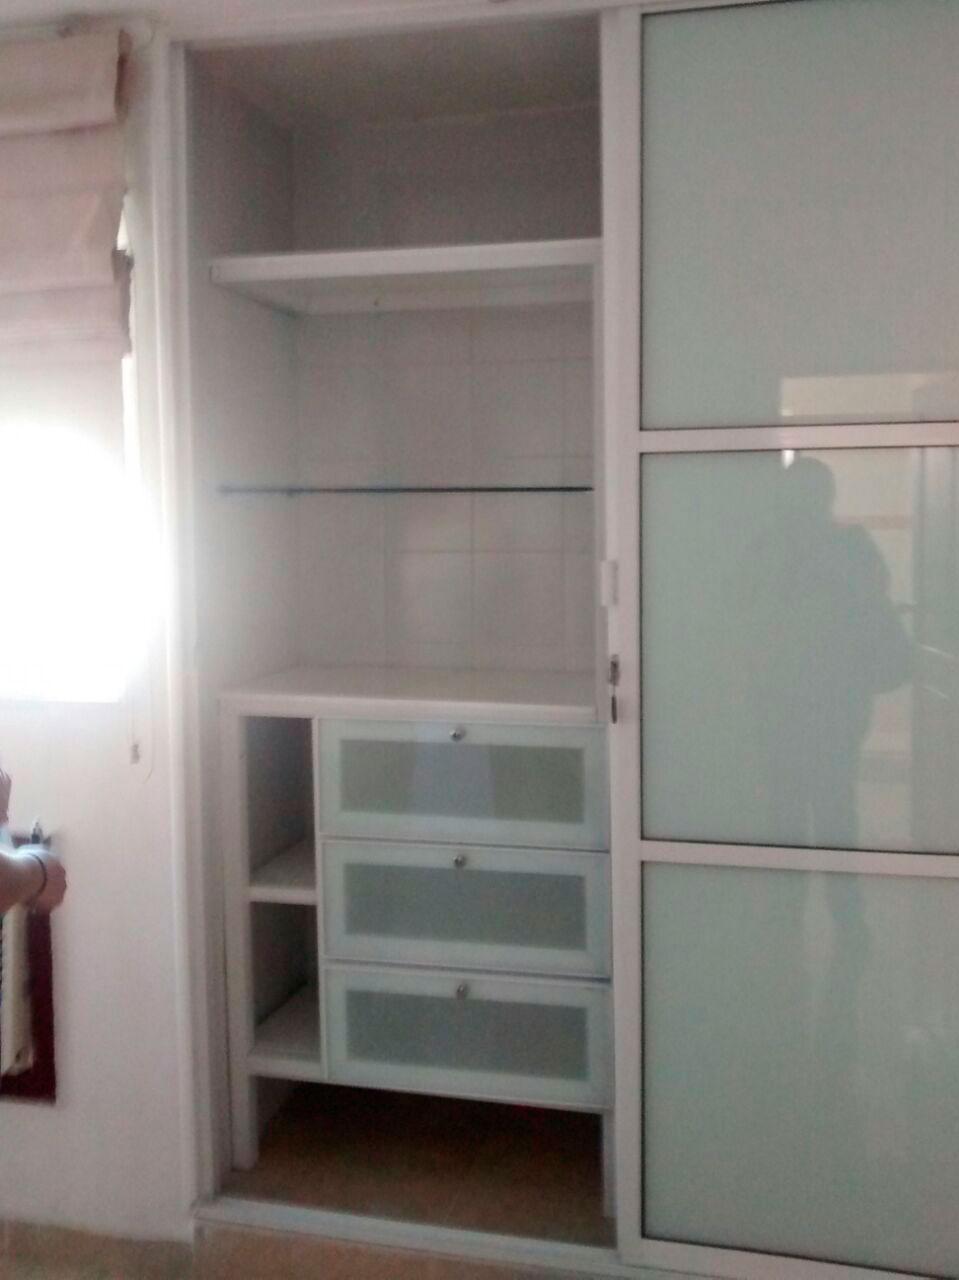 Cl sets ferba decoraciones soluciones integrales en for Decoracion closet en madera